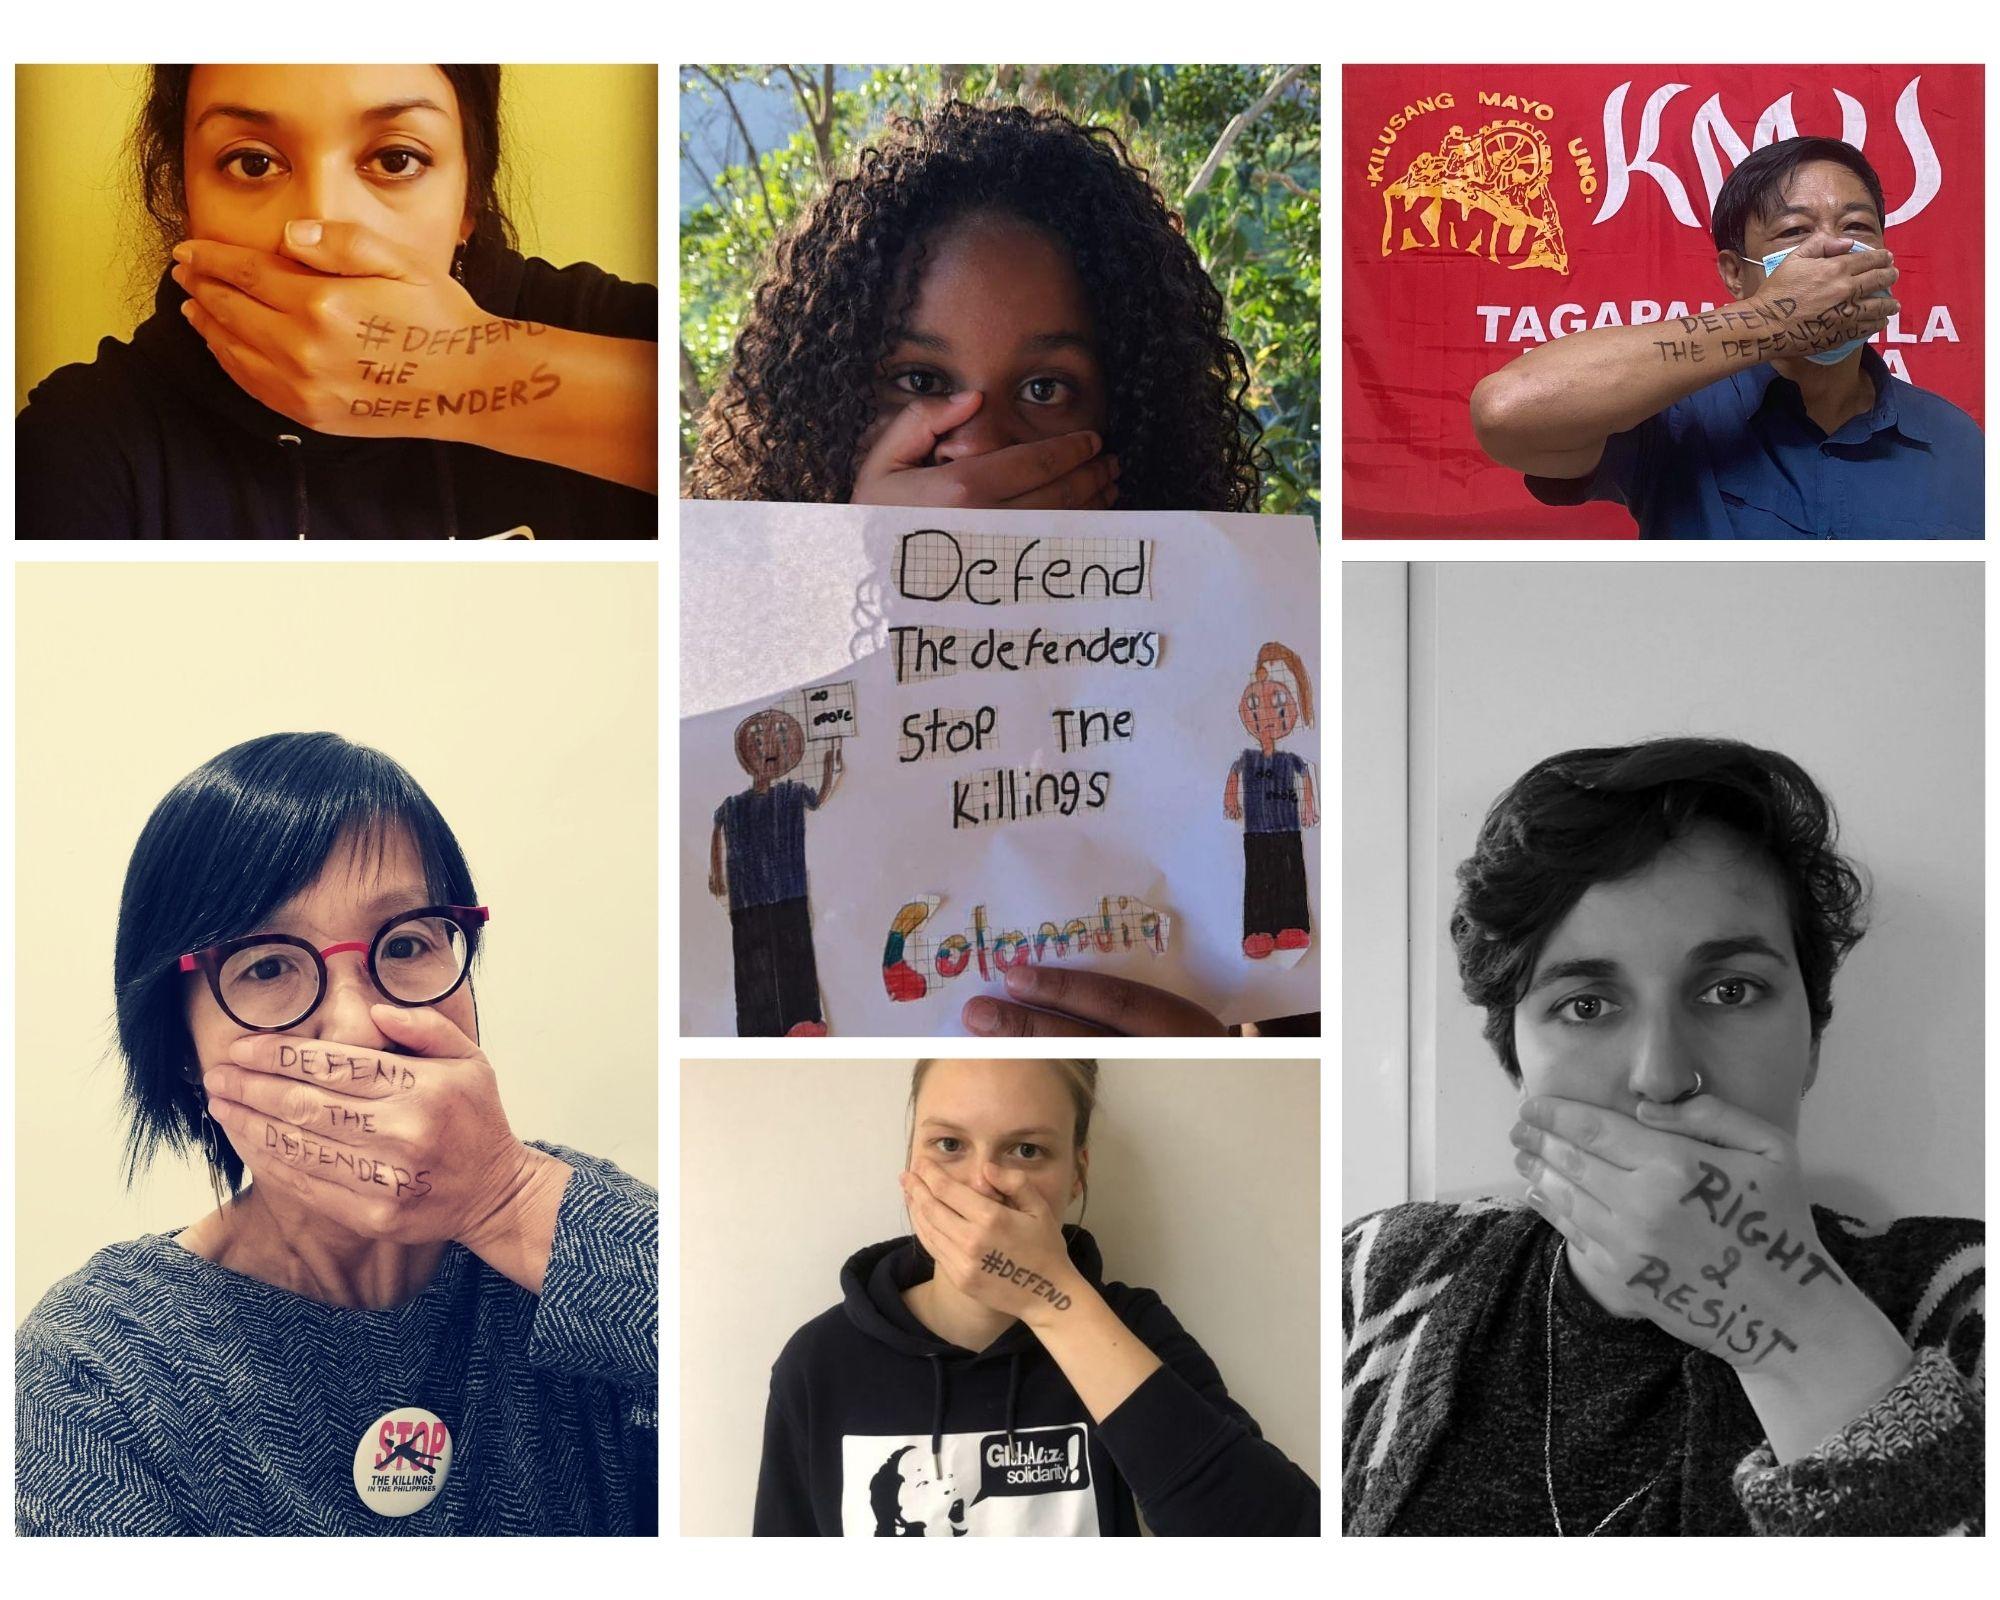 Carta abierta 10/12 : Defender a los defensores